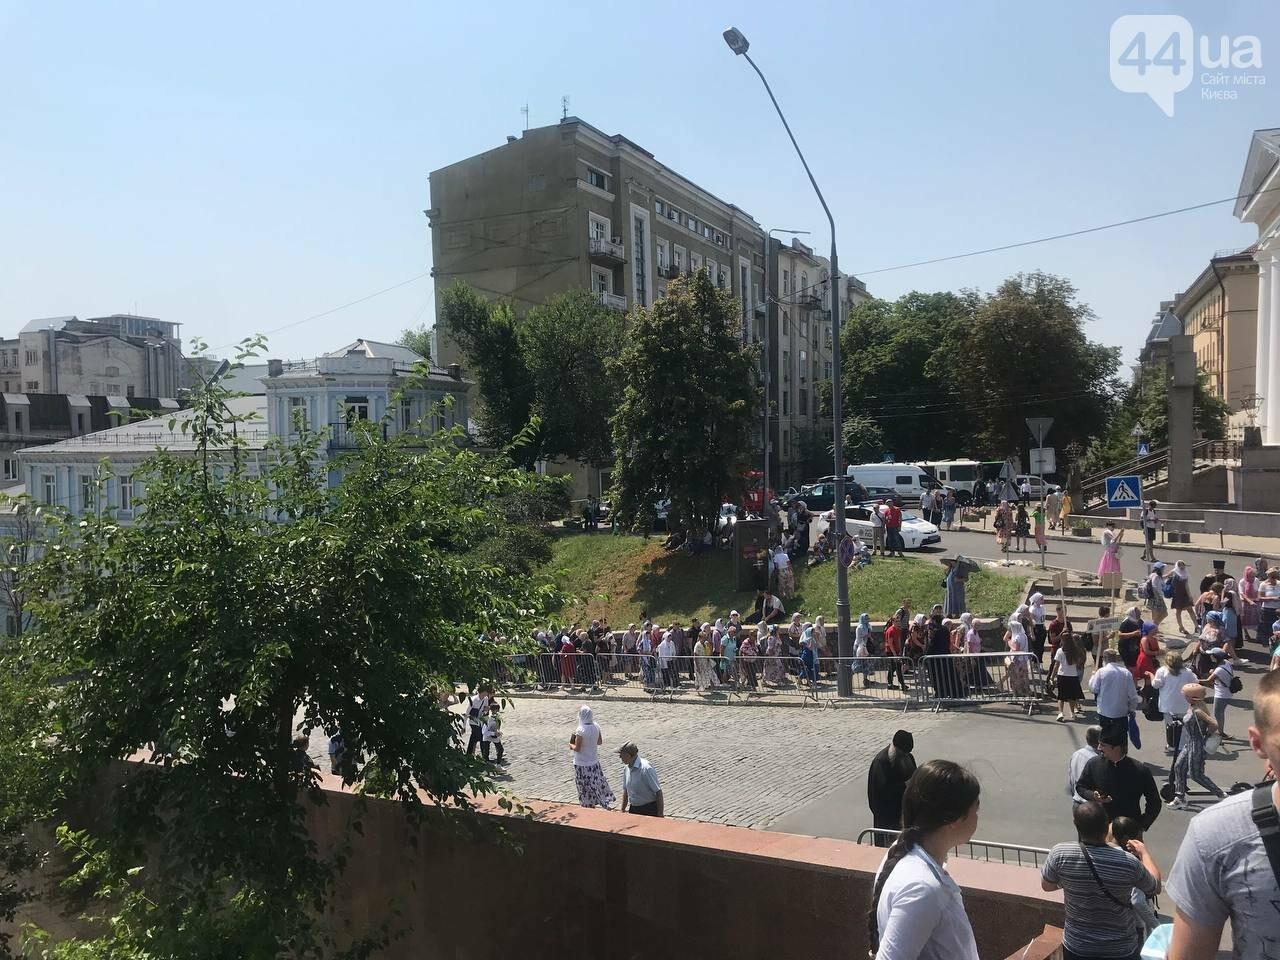 В Киеве прошли мероприятия ко Дню крещения Руси, Фото: 44.ua